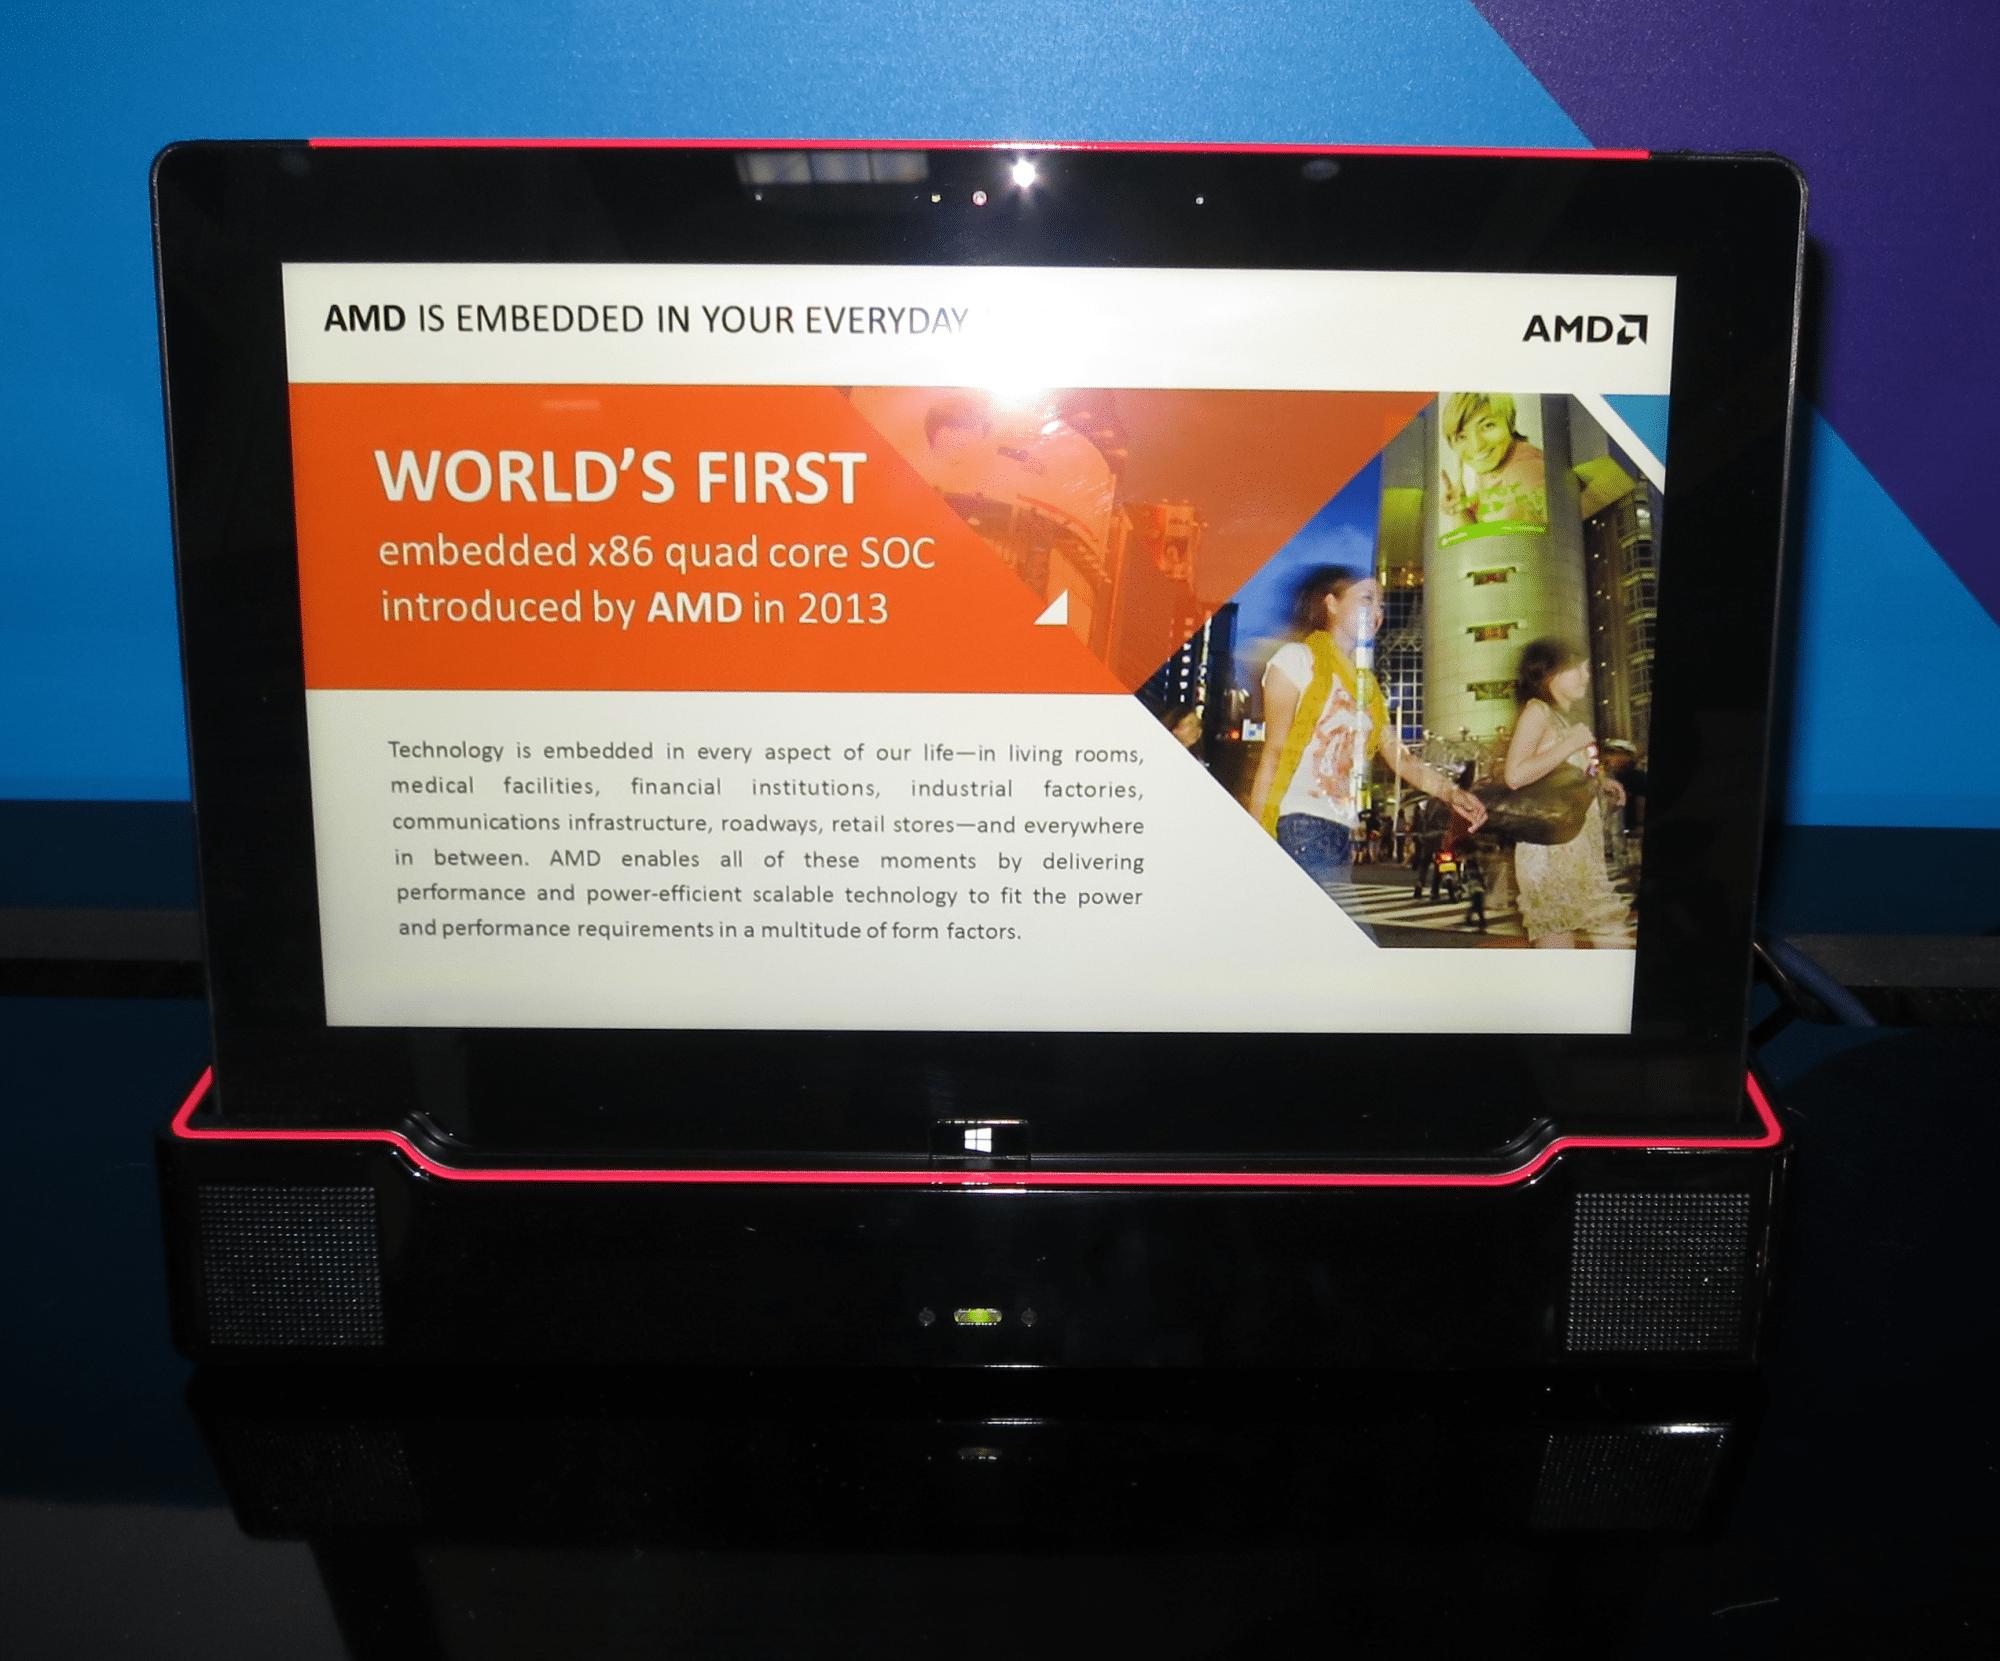 Angedockt in der Basisstation soll ein Mullins-Tablet als PC für einfache Aufgaben dienen.